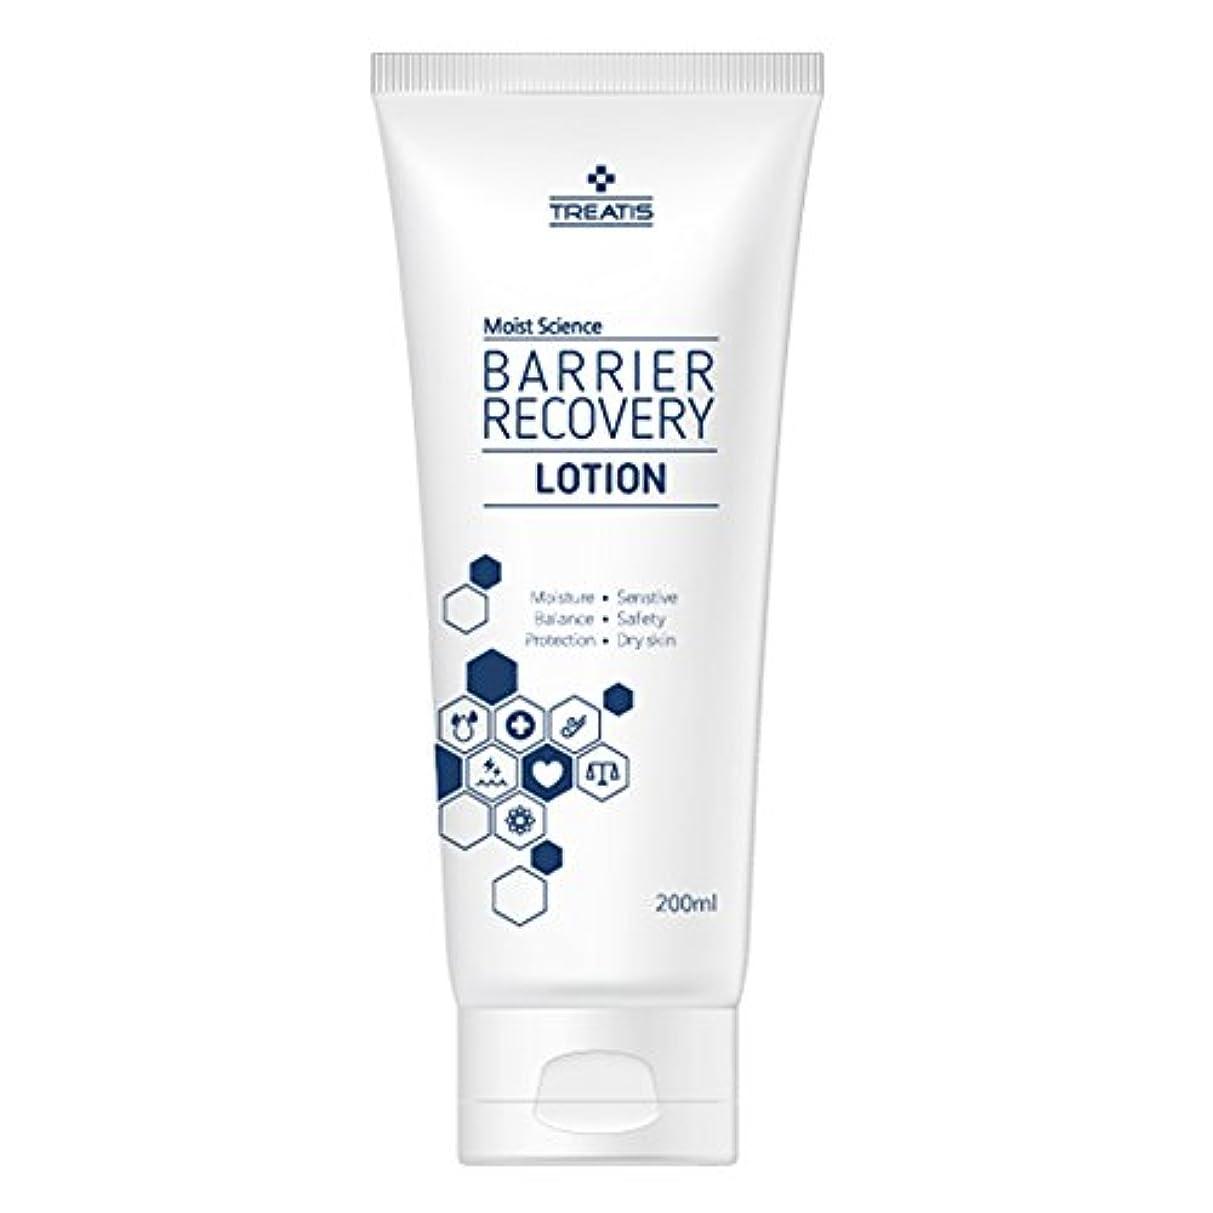 経由で鳴らすモザイクTreatis barrier recovery lotion 7oz (200ml)/Moisture, Senstive, Balance, Safty, Protection, Dry skin [並行輸入品]